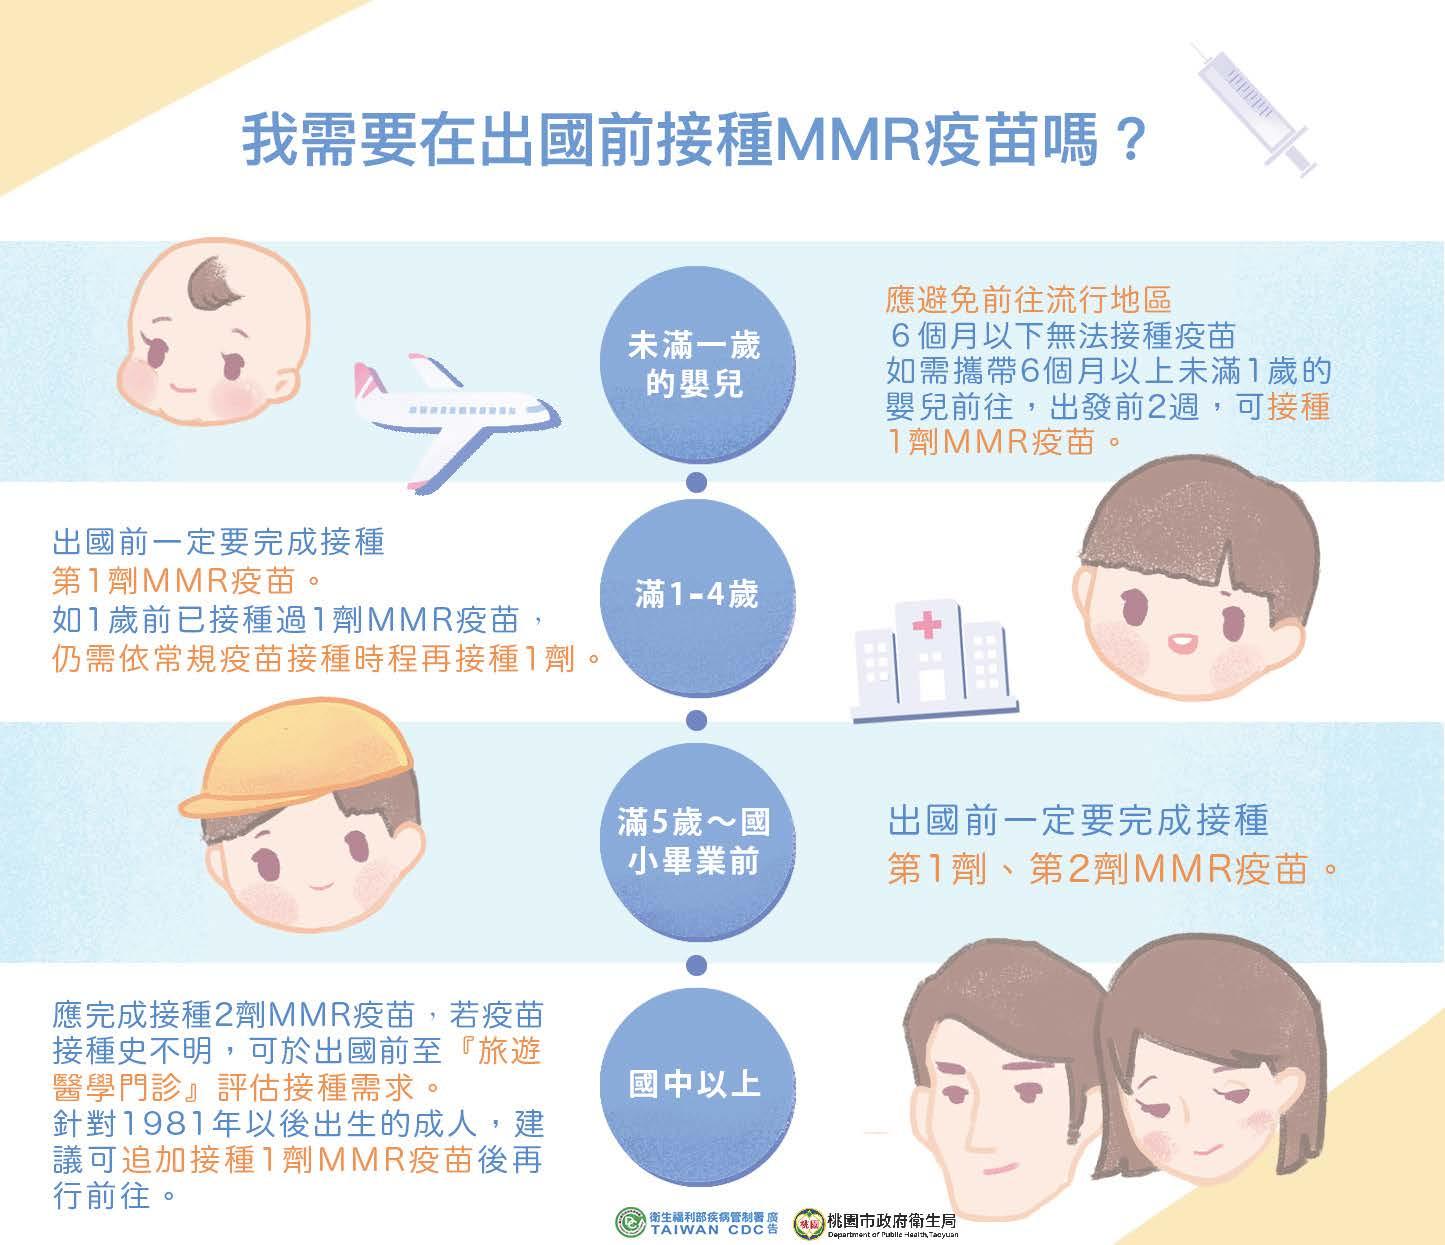 我需要在出國前接種MMR疫苗嗎